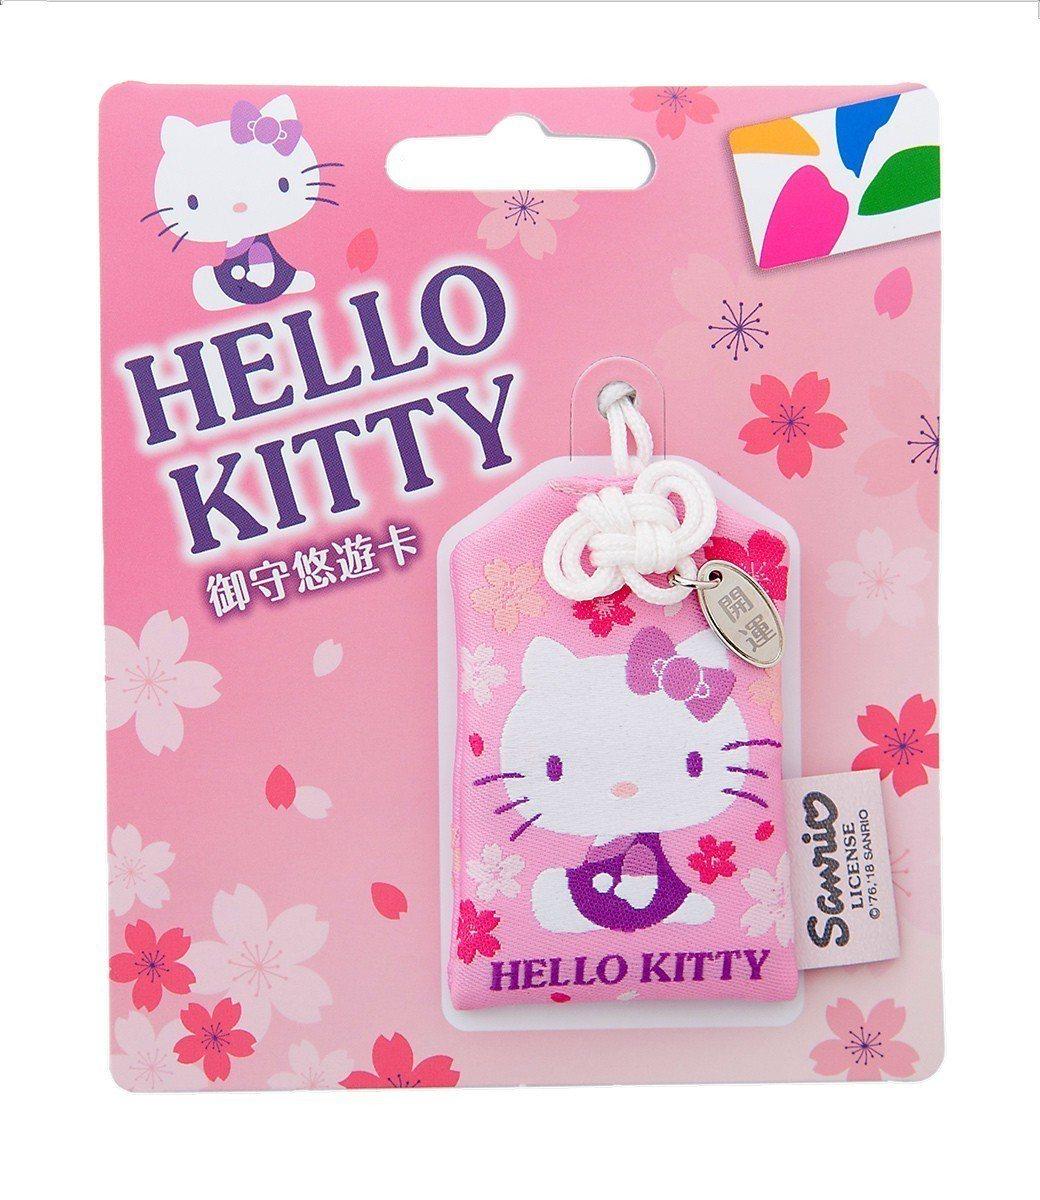 悠遊卡推出首款布質《HELLO KITTY御守悠遊卡-櫻花》祈願開運,即日起在全...